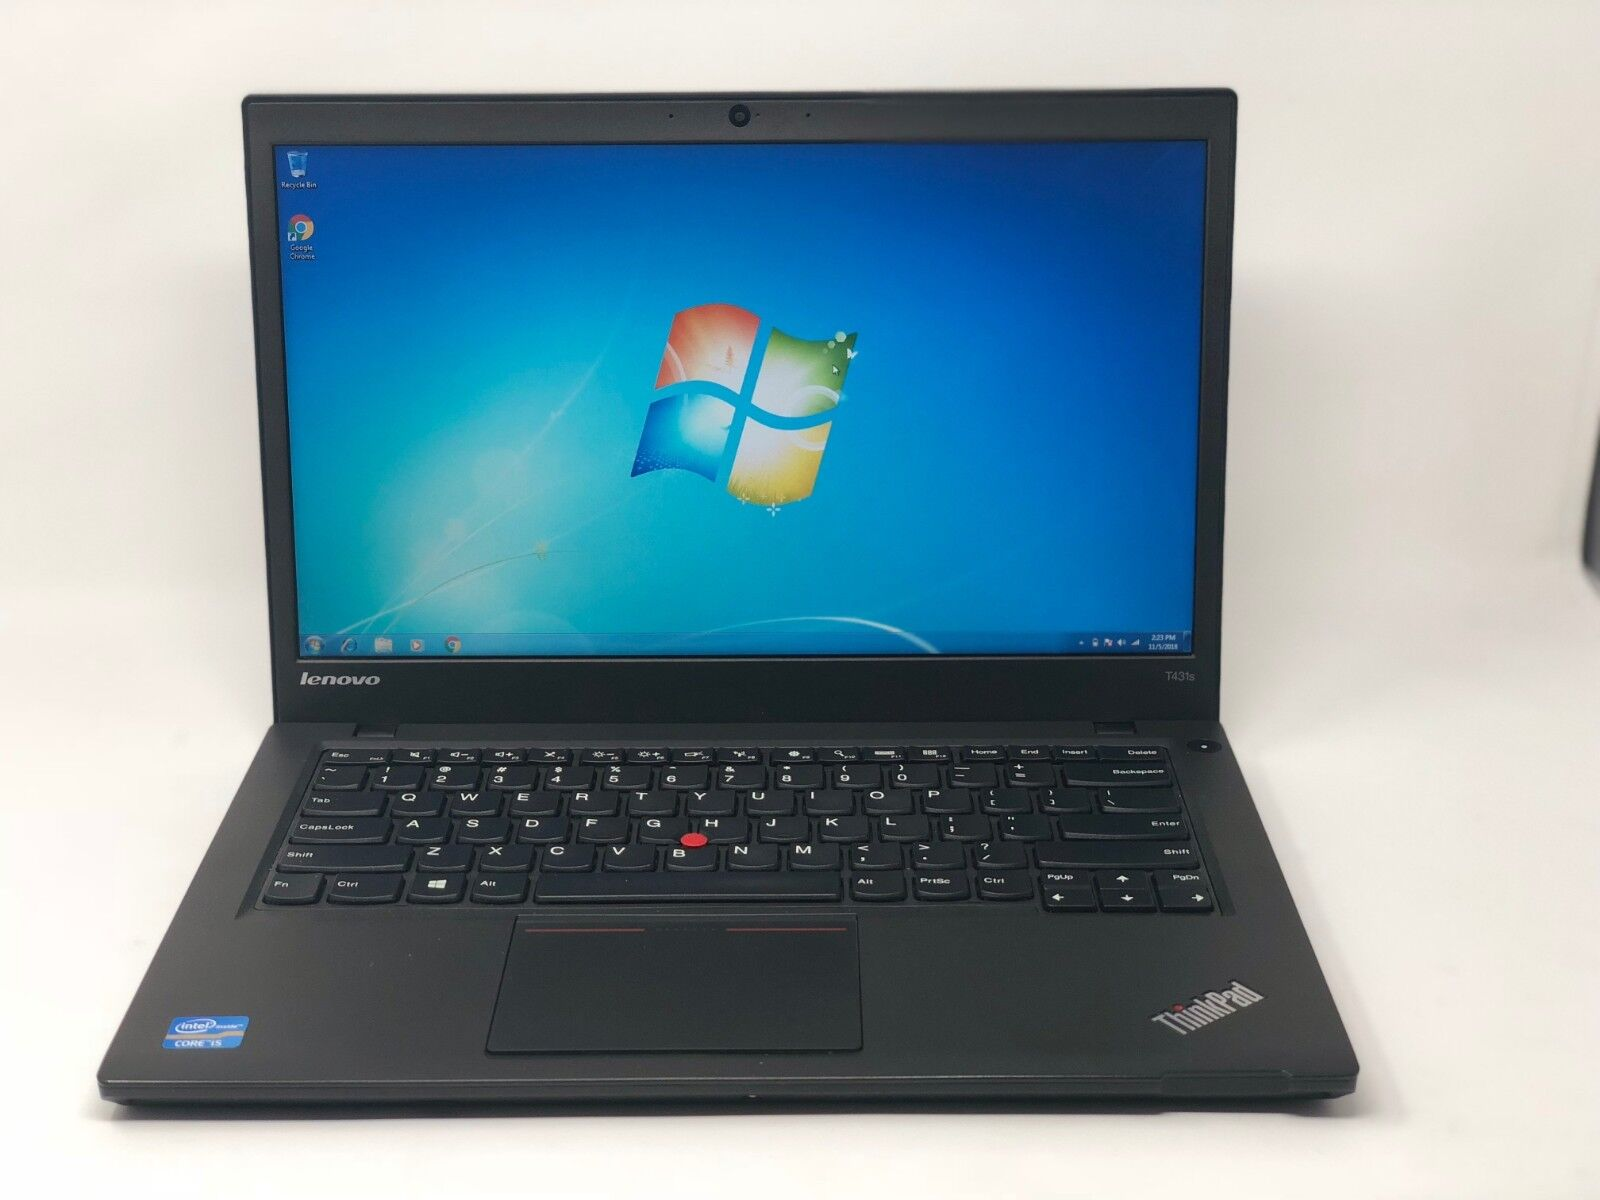 Lenovo ThinkPad T431s i5-3337u 1.8GHz 12GB 256GB SSD 1600x900 Wbcam BT W7 Laptop